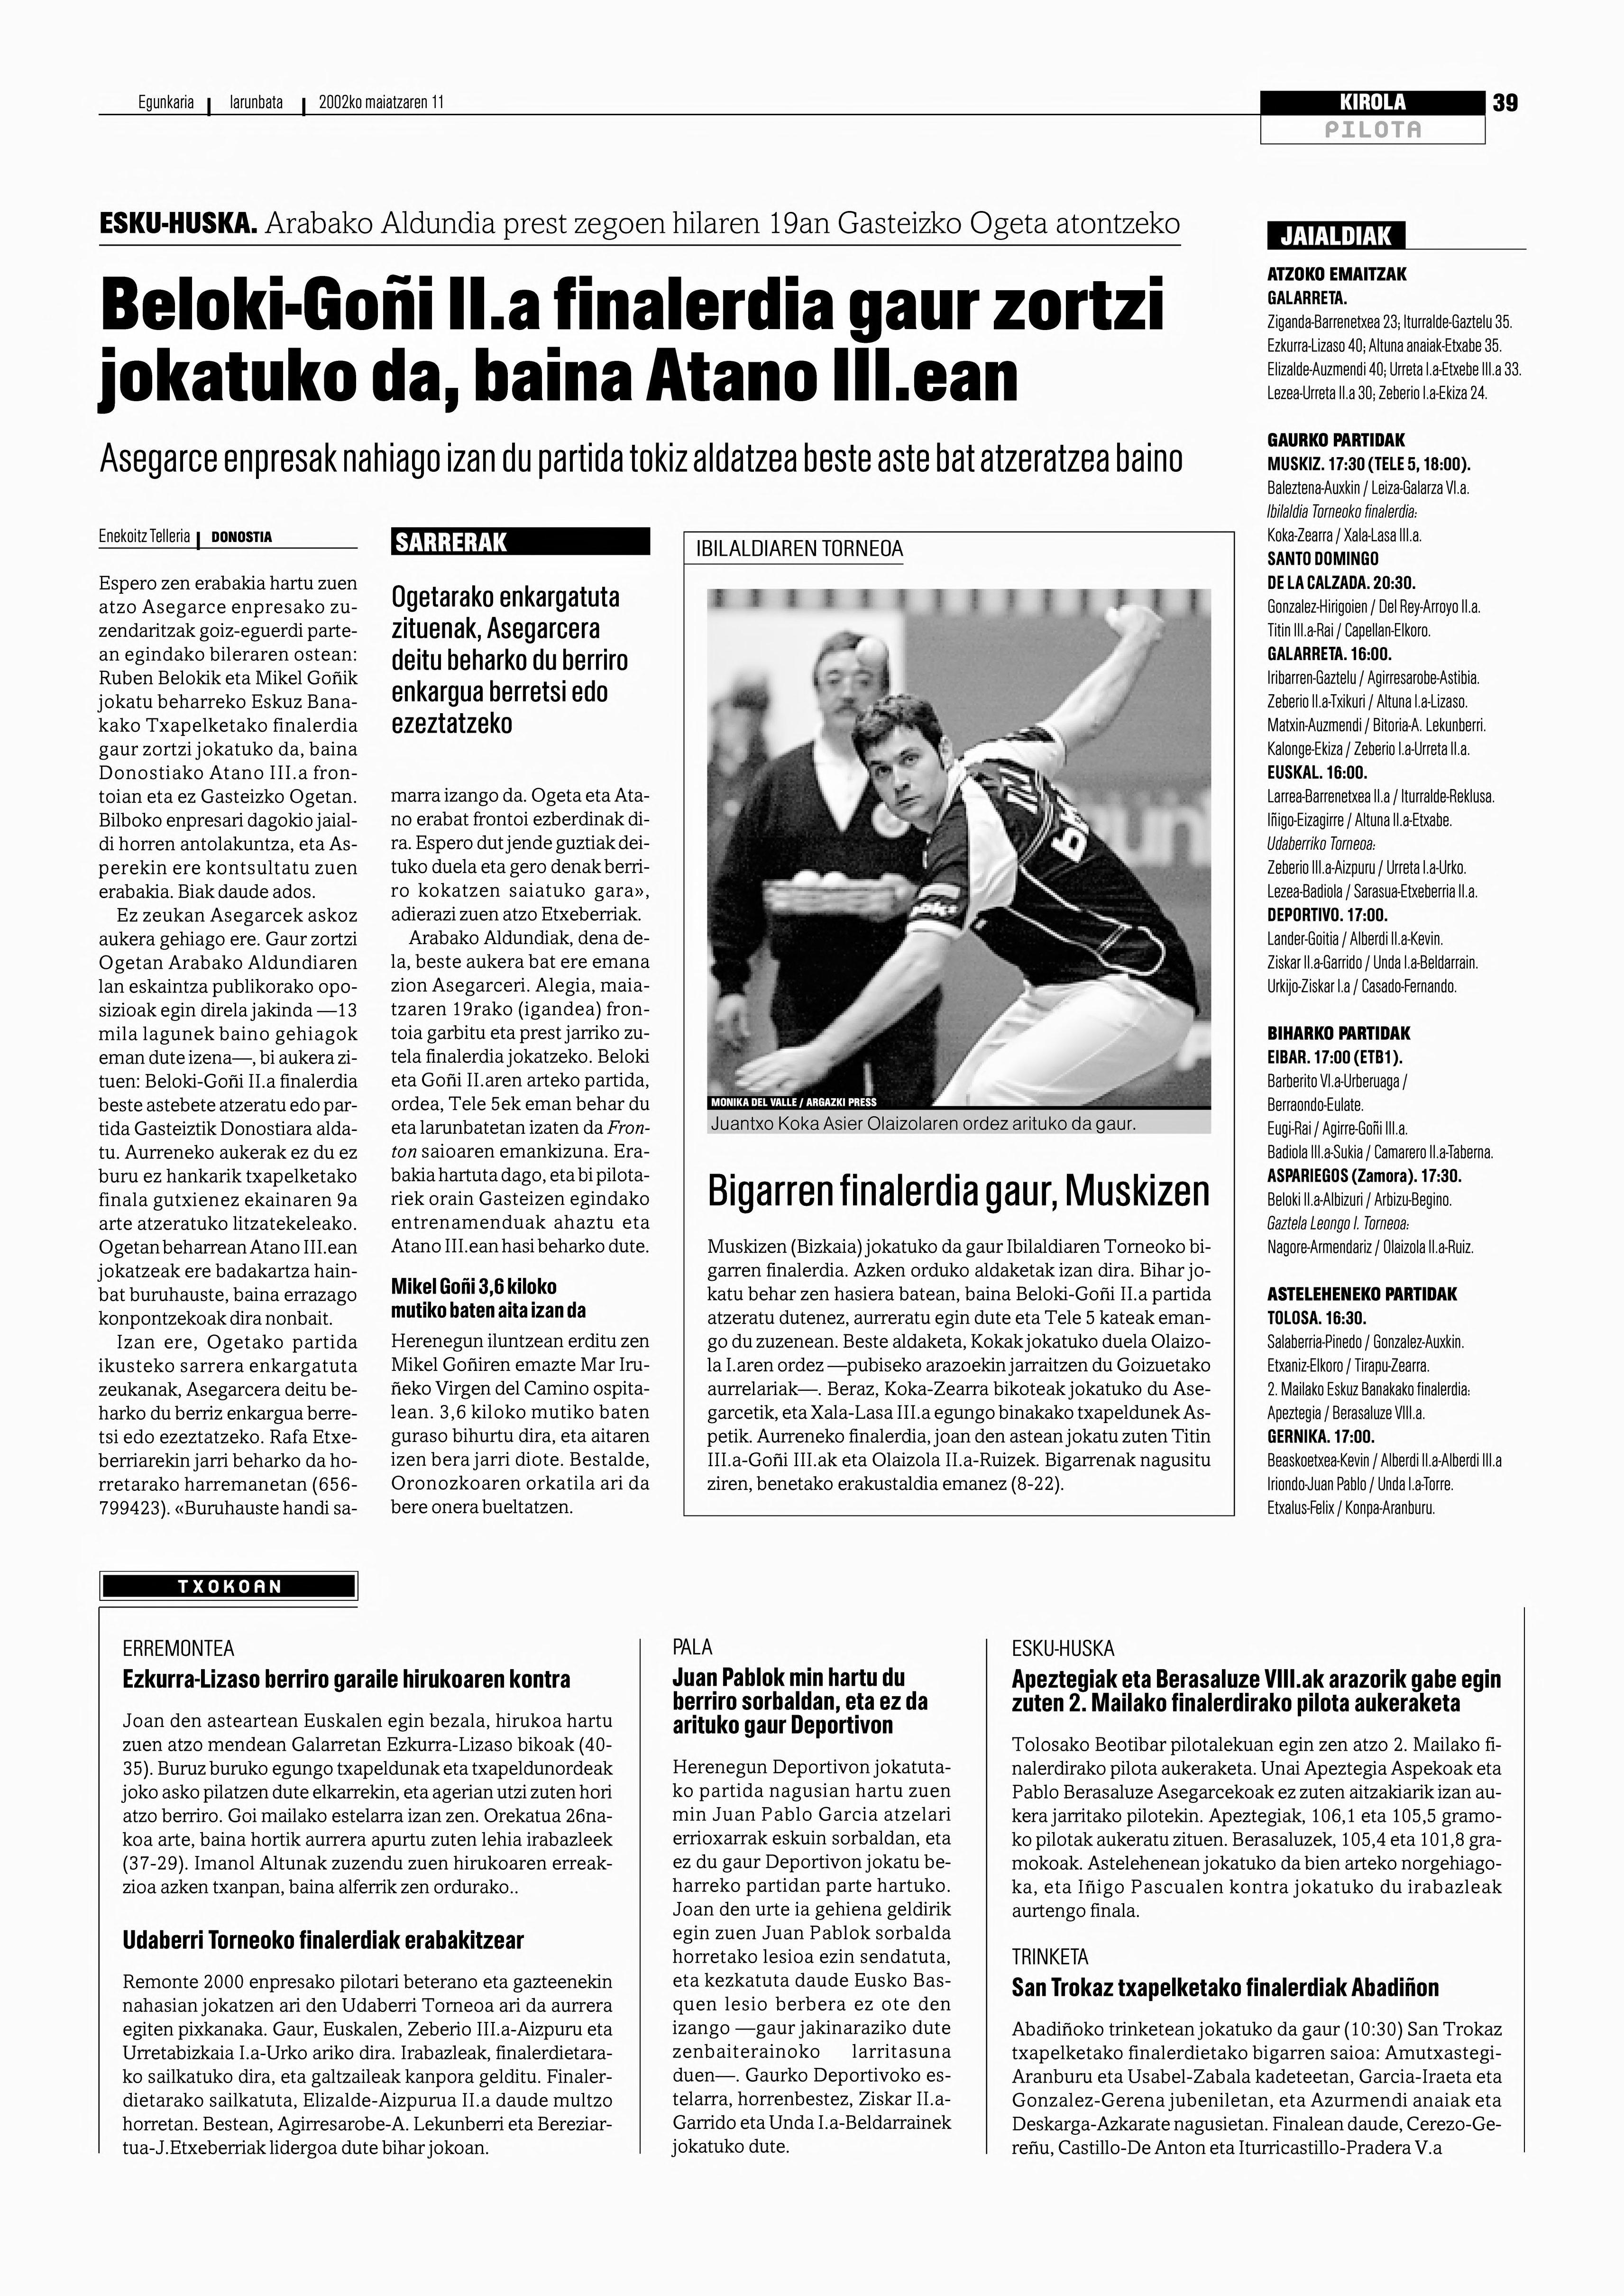 Euskaldunon Egunkariaren hemeroteka  1990-2003  - Berria